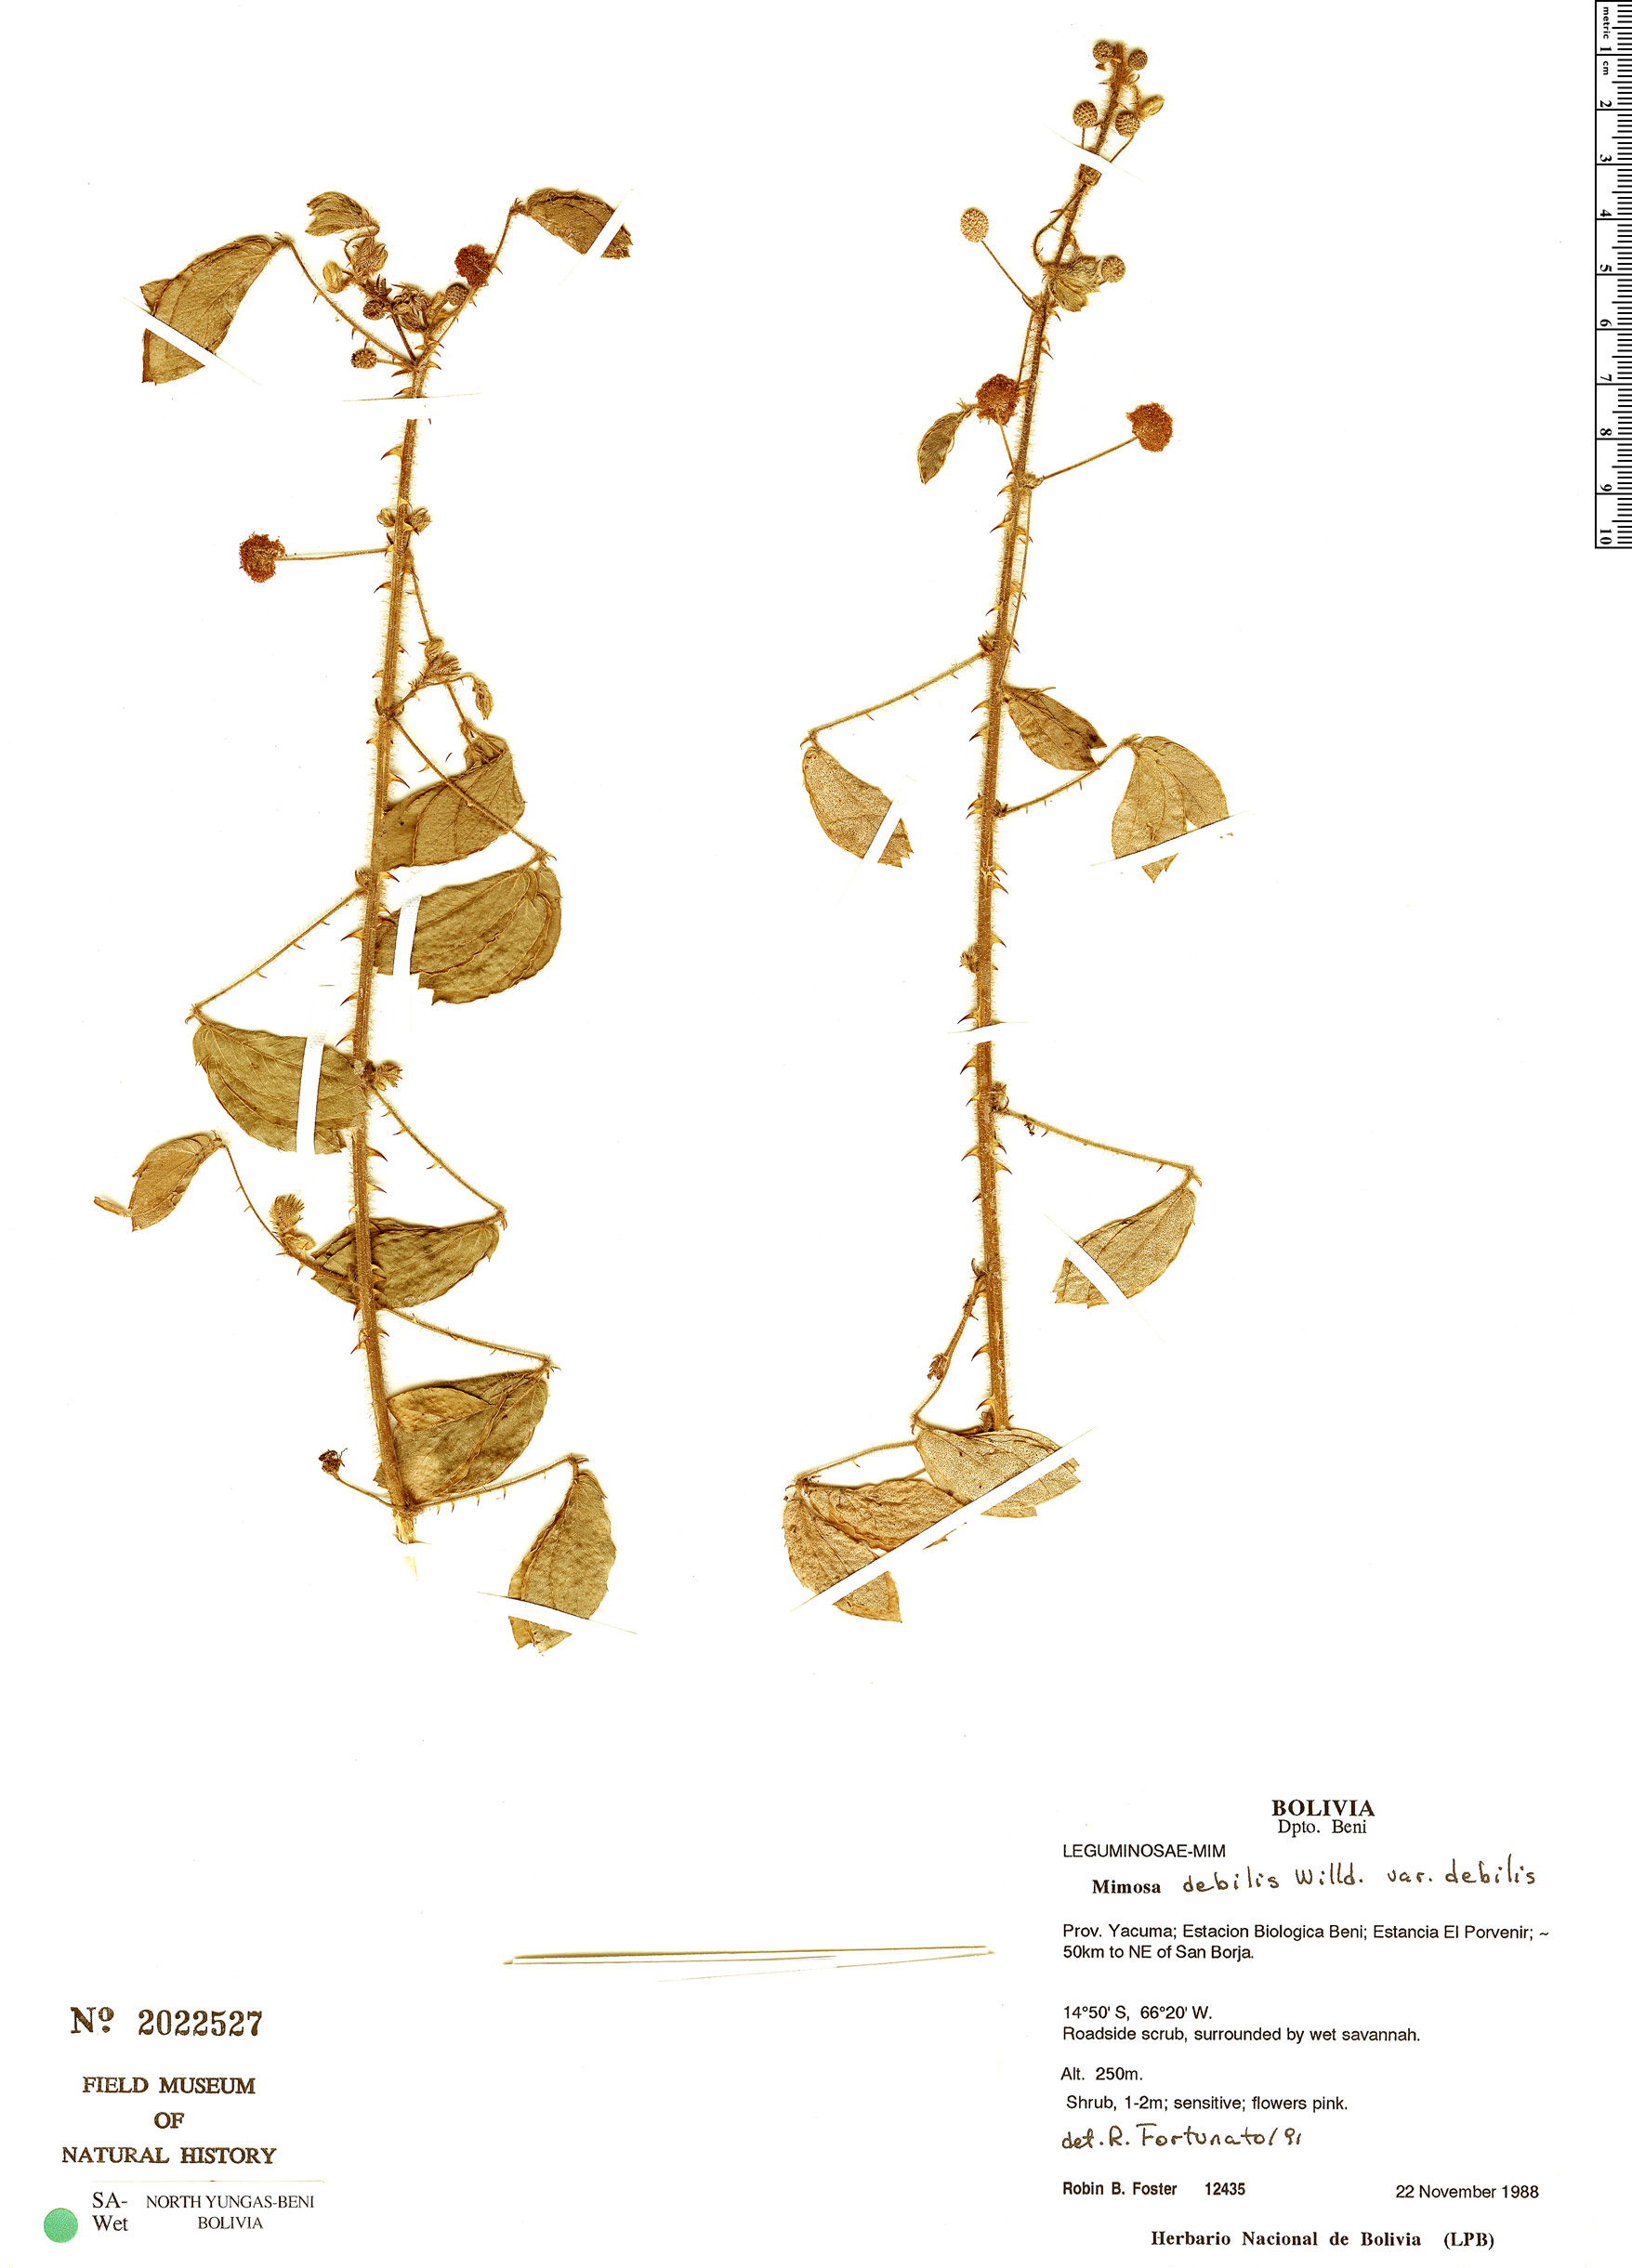 Specimen: Mimosa debilis